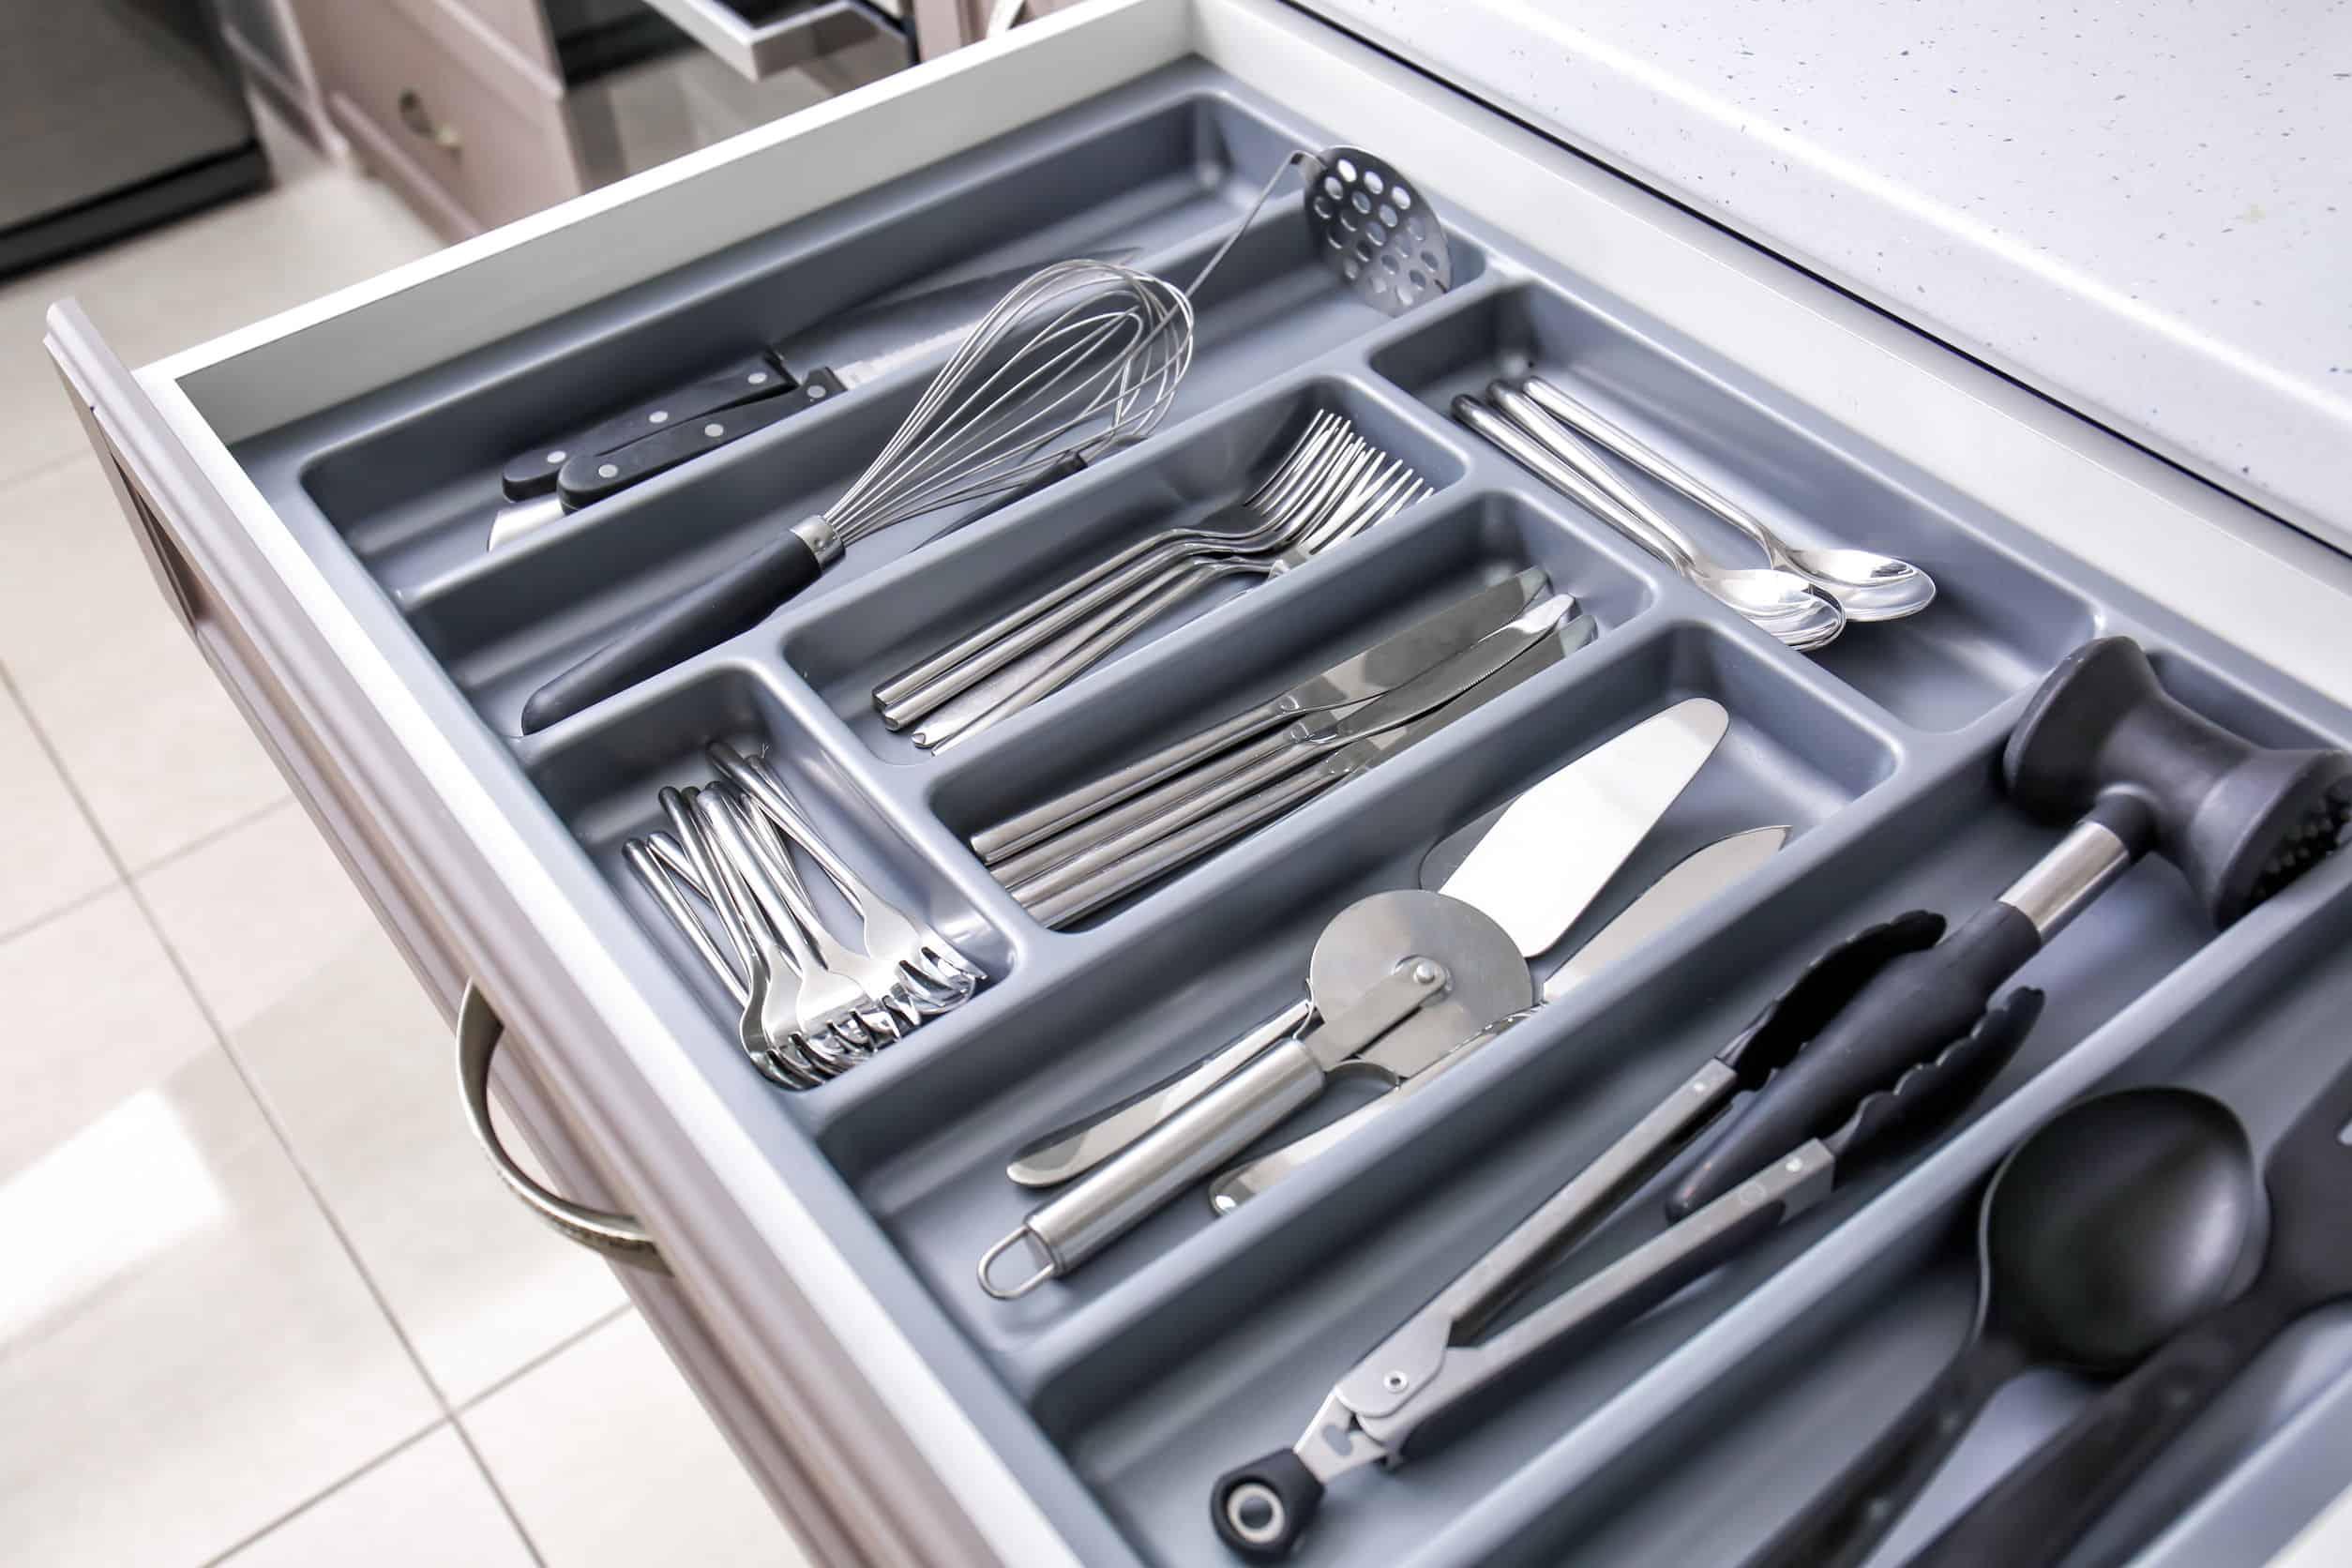 Talheres e utensílios organizados em divisor dentro de gaveta.